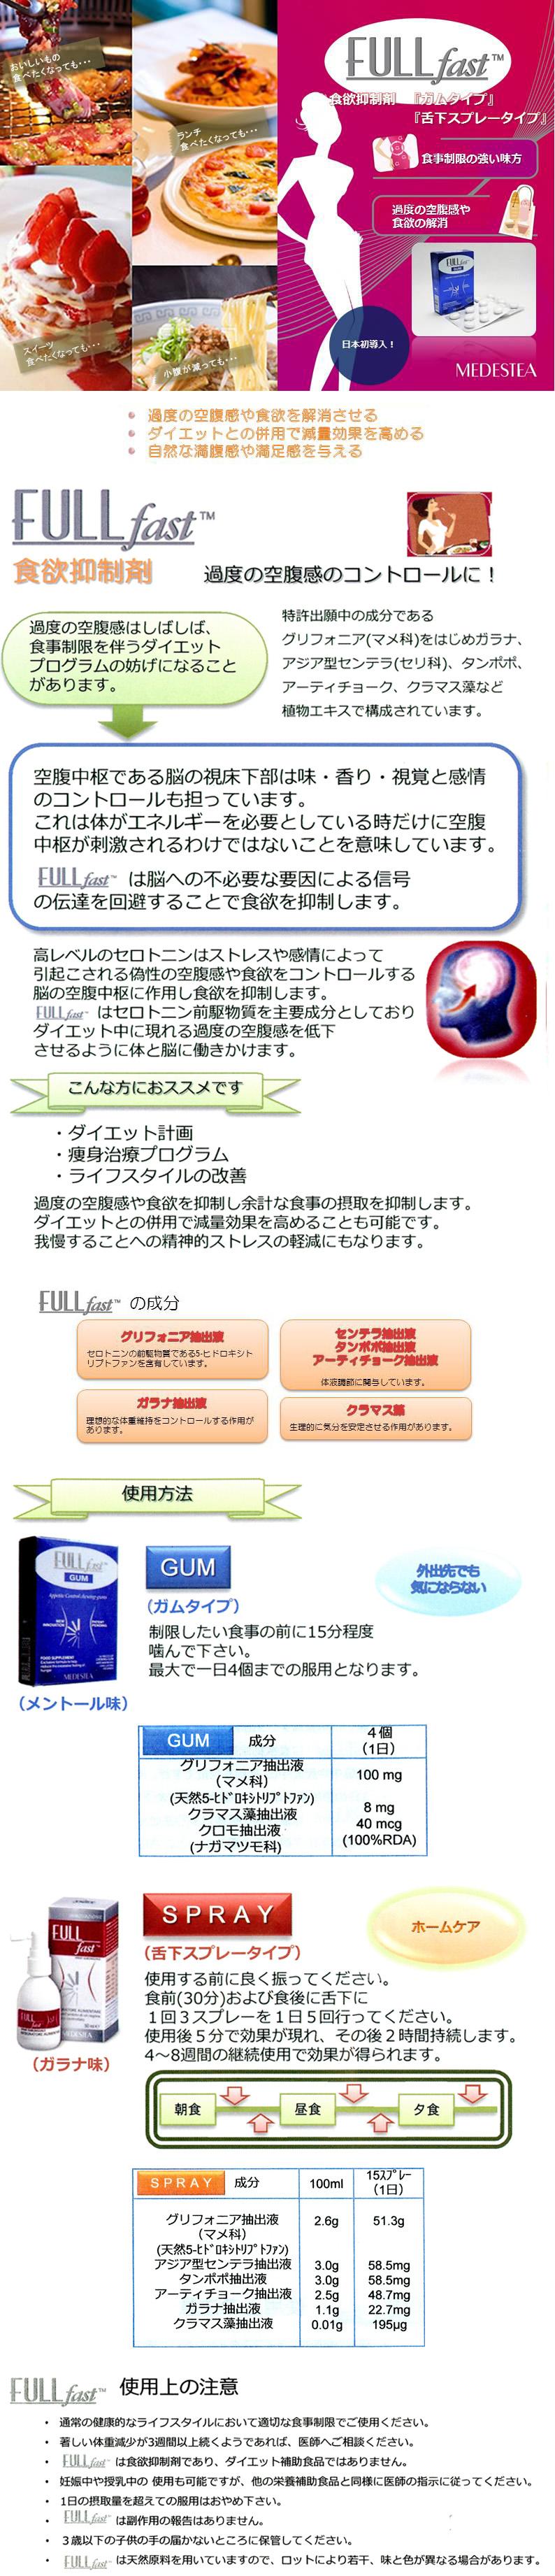 FULLFast-3.jpg